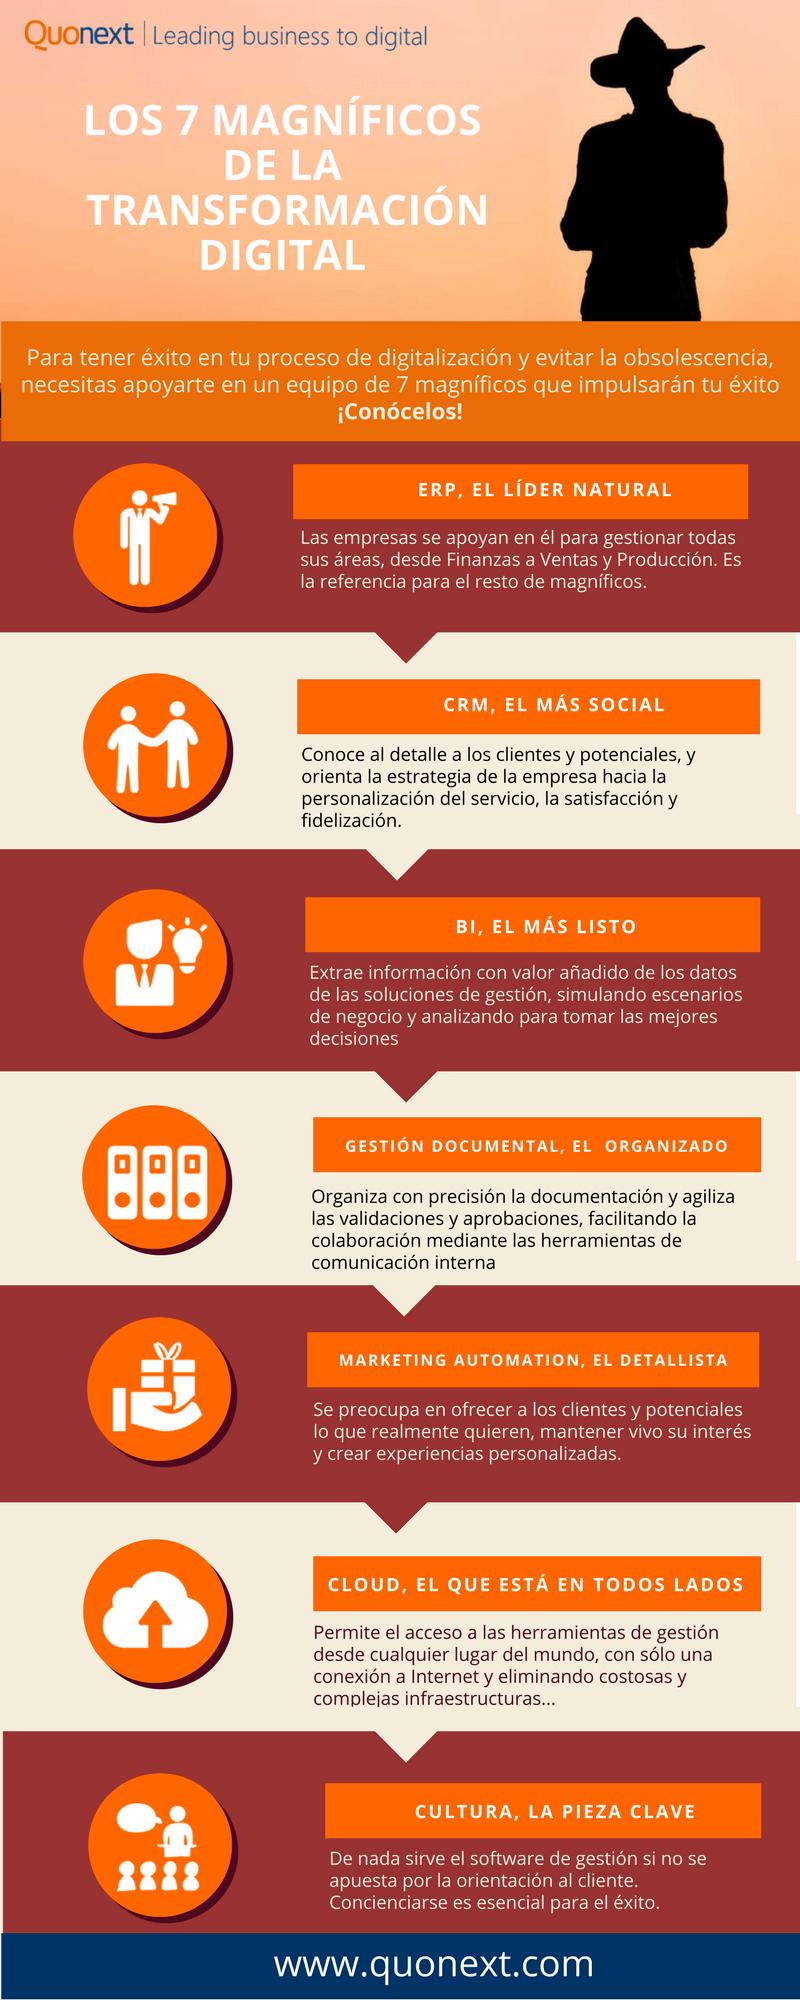 Infografia - TICs y Formación - Página 2 de 31833 - Blog personal de Alfredo Vela , en él encontrarás información sobre Social Media, Marketing, Formación y TICs, sobre todo en formato de infografía.